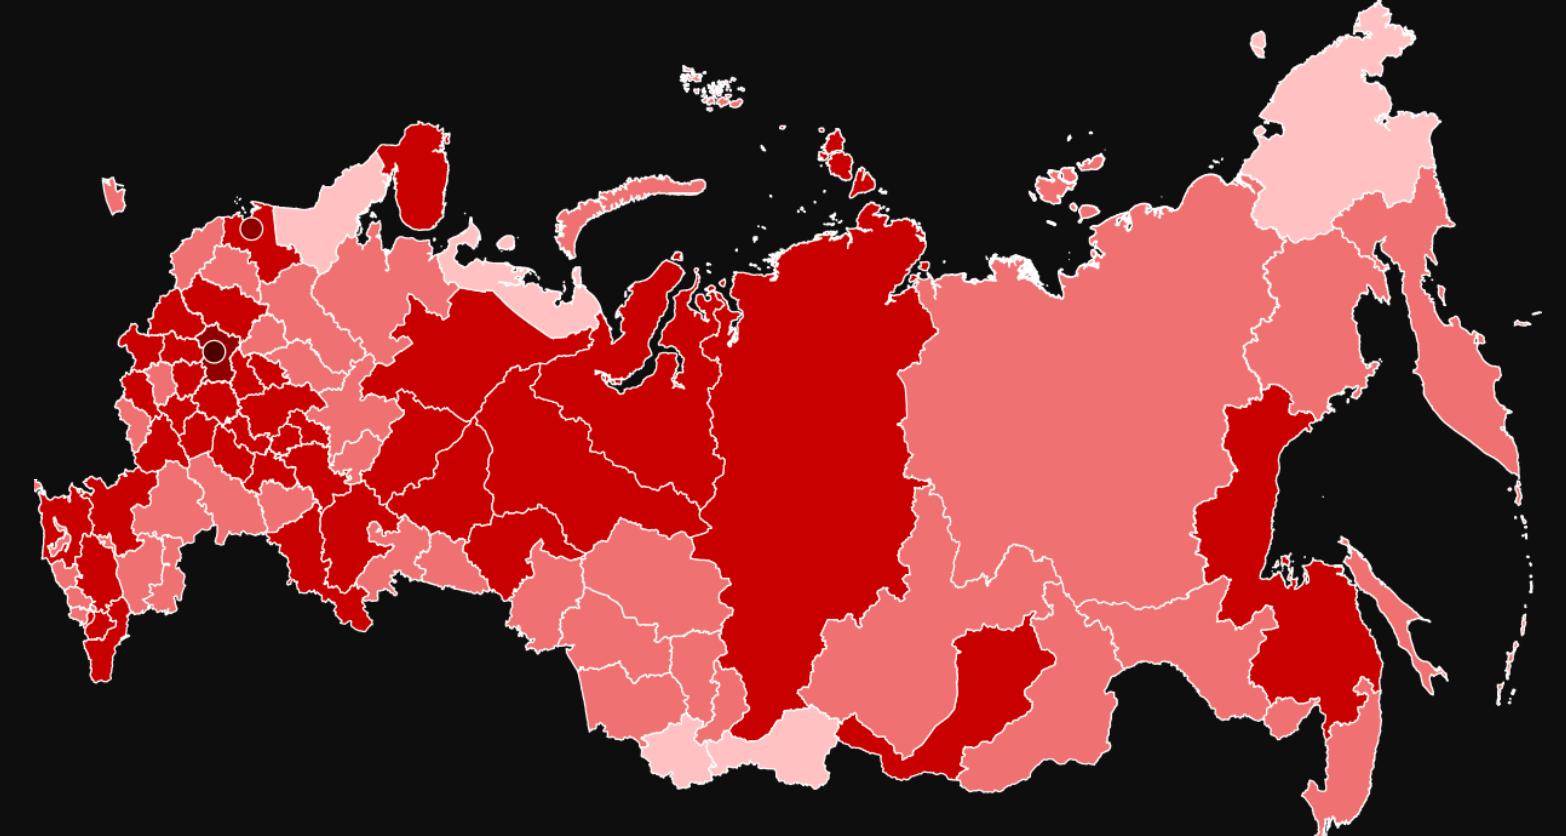 Число заболевших коронавирусом в России превысило 100 000 человек: за сутки больше 7 000 новых инфицированных